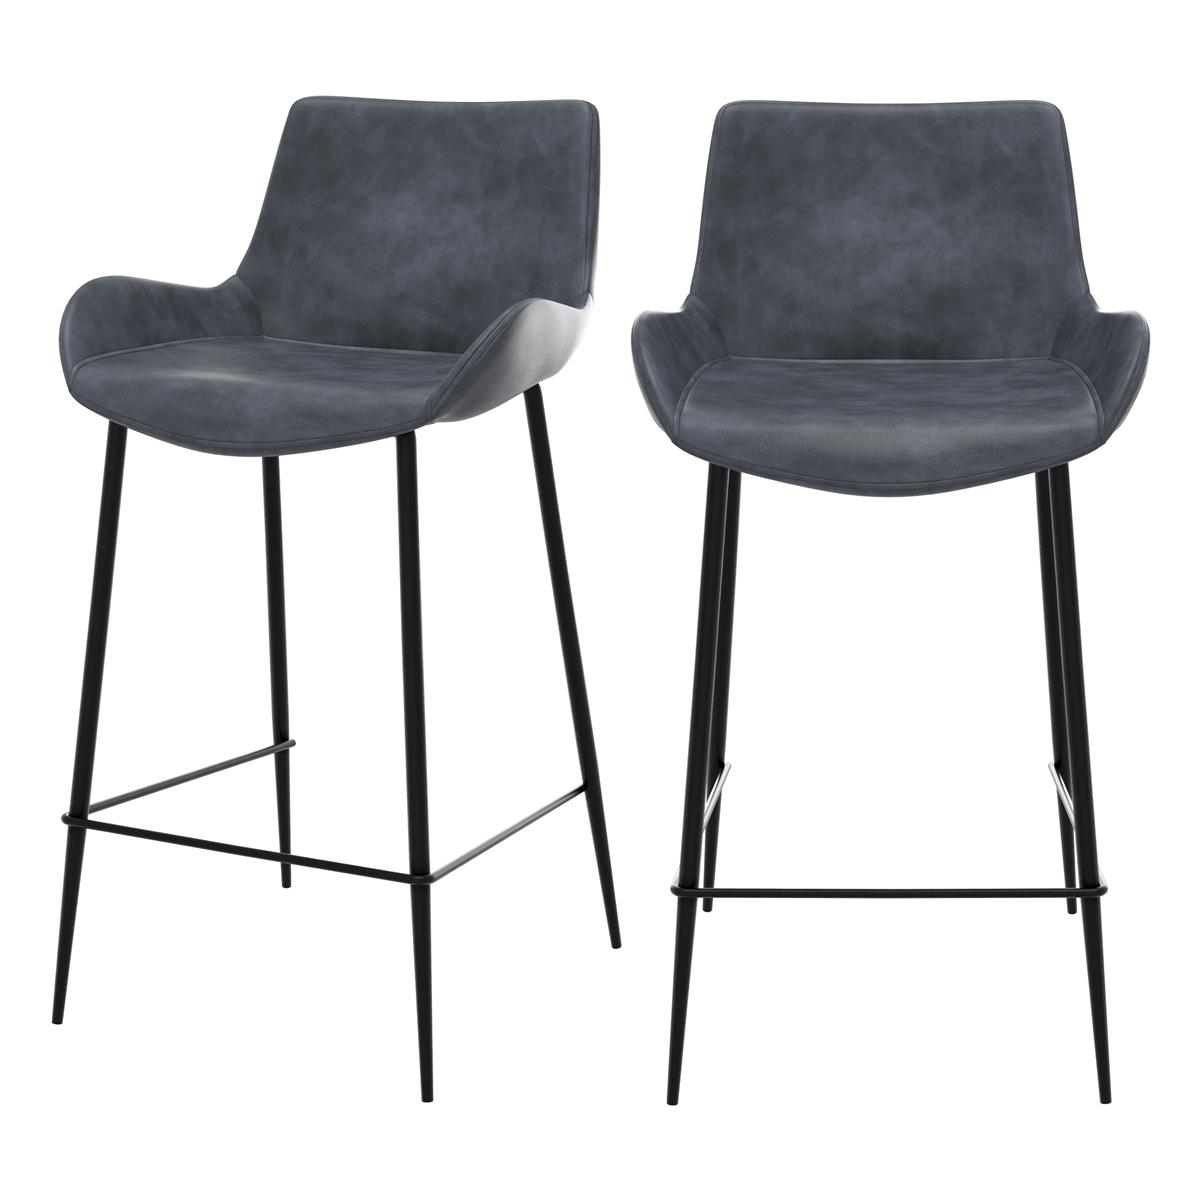 Chaise bar mi-hauteur 65cm cuir synthétique gris foncé (x2)